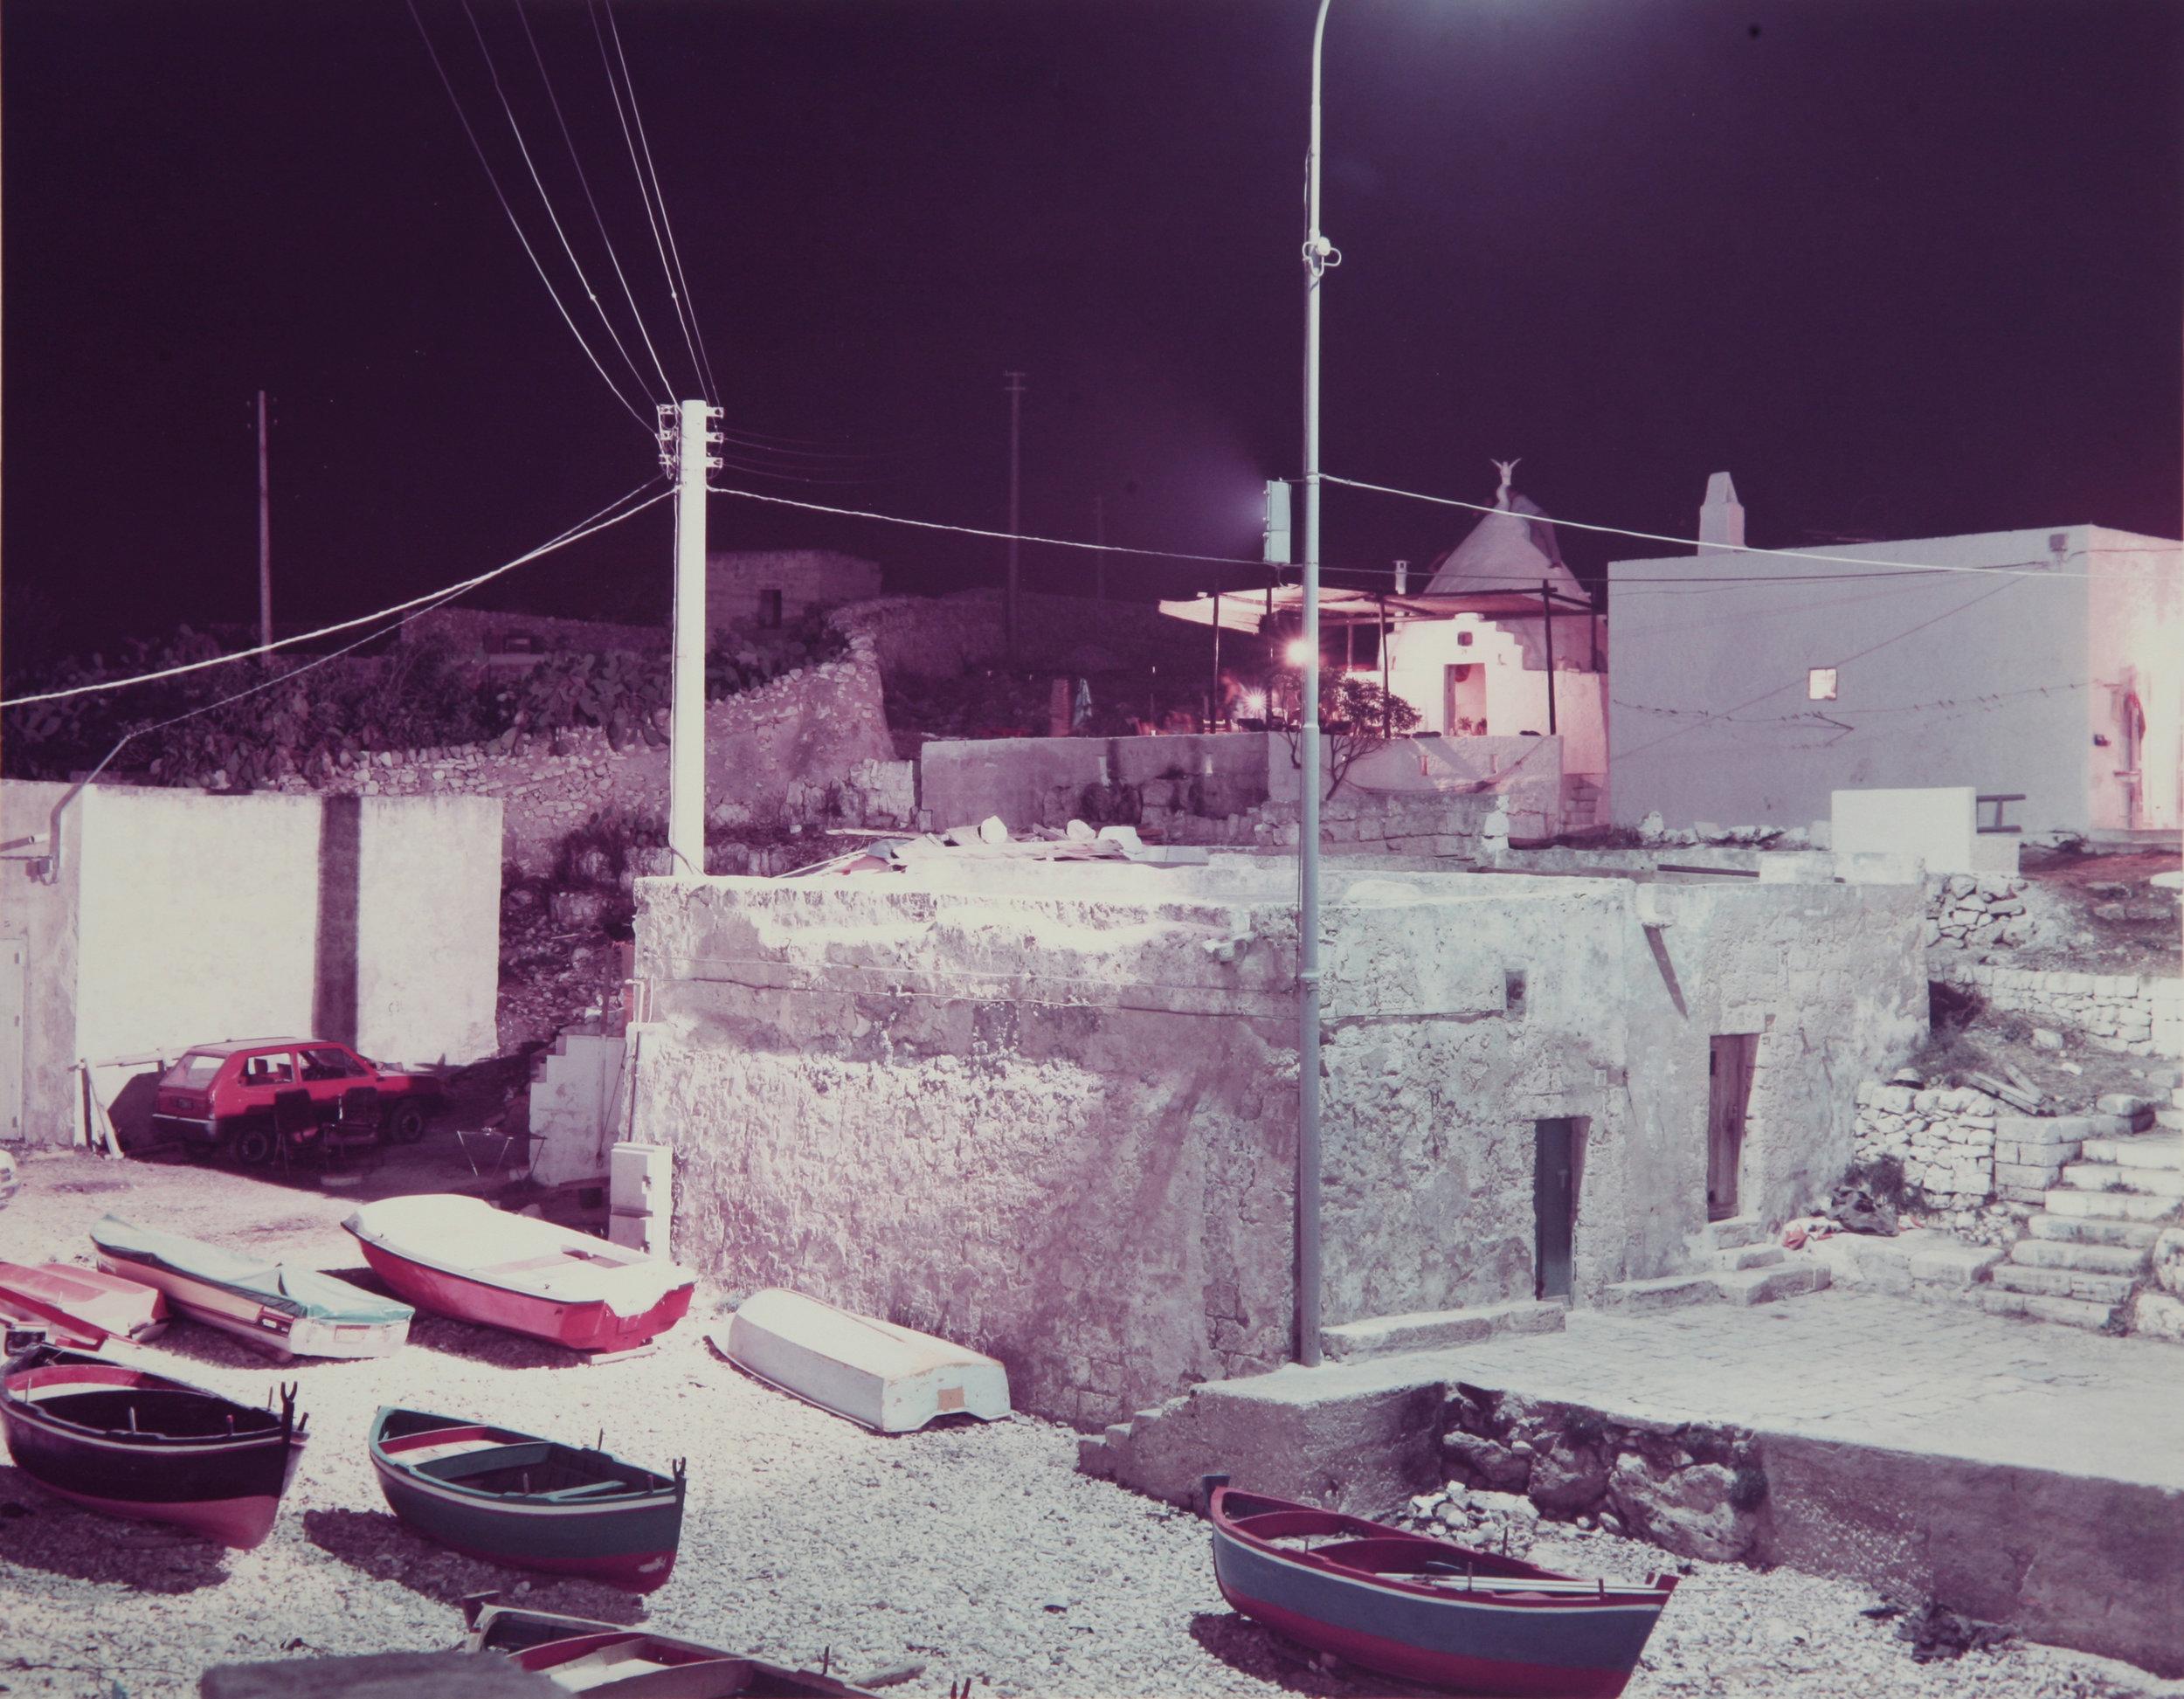 Photographica-FineArt_Ghirri_Polignano-a-mare_1985.JPG